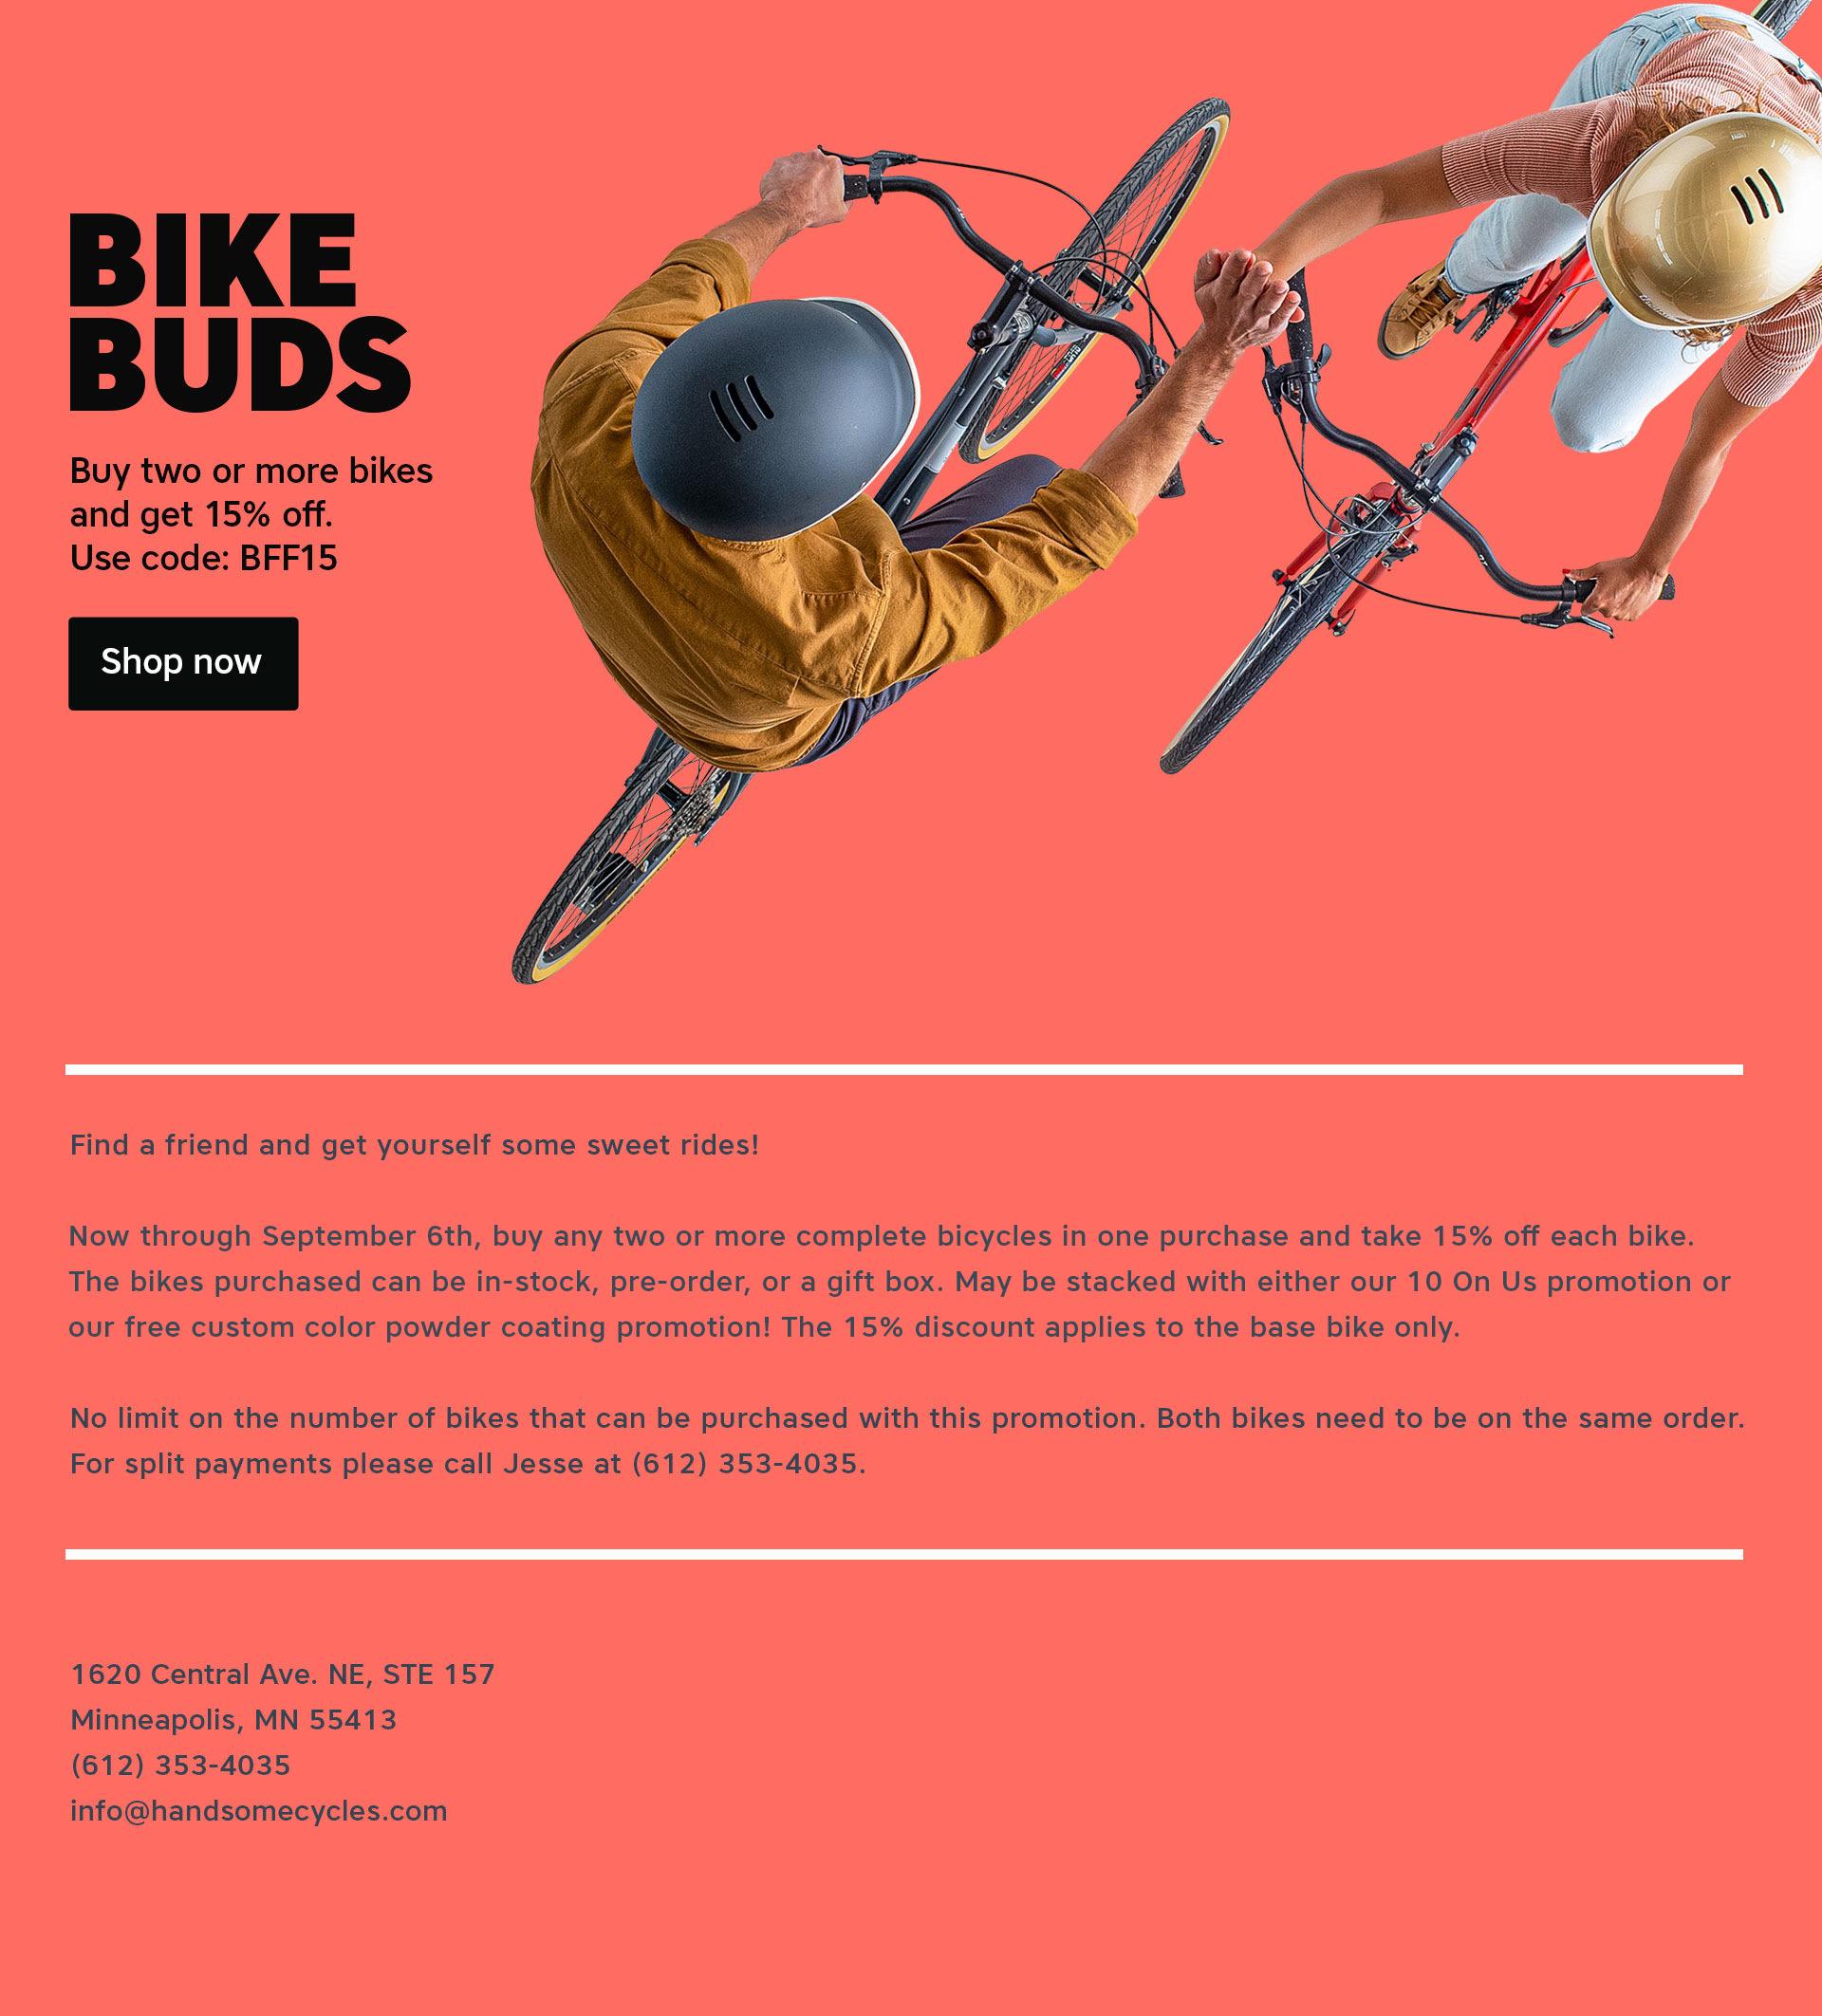 Bike Buds Image